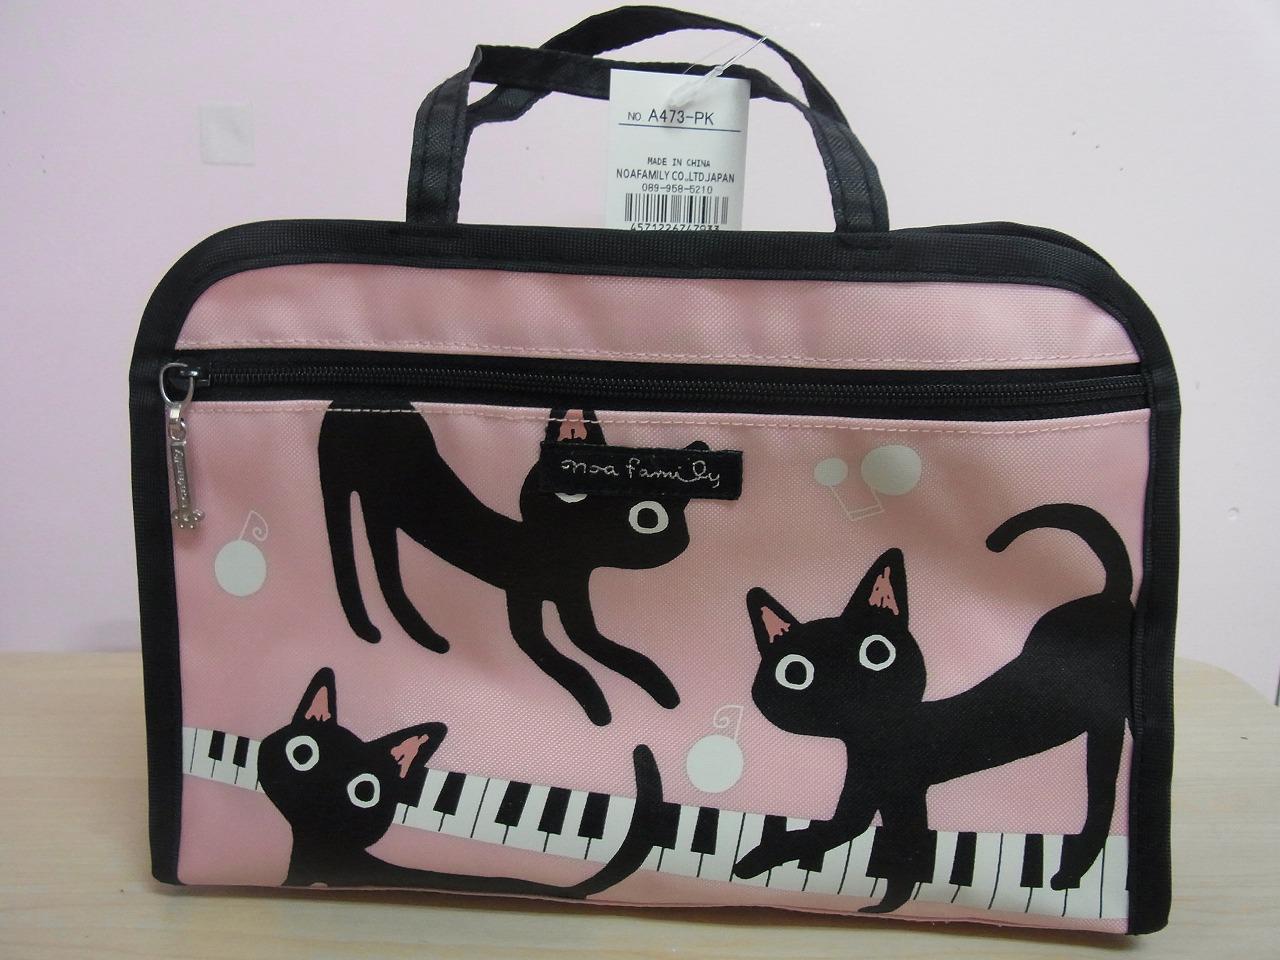 バッグインバッグ ピンク♪♪ピアノ発表会の記念品に最適【プレゼントに最適♪】音楽雑貨 音楽グッズ